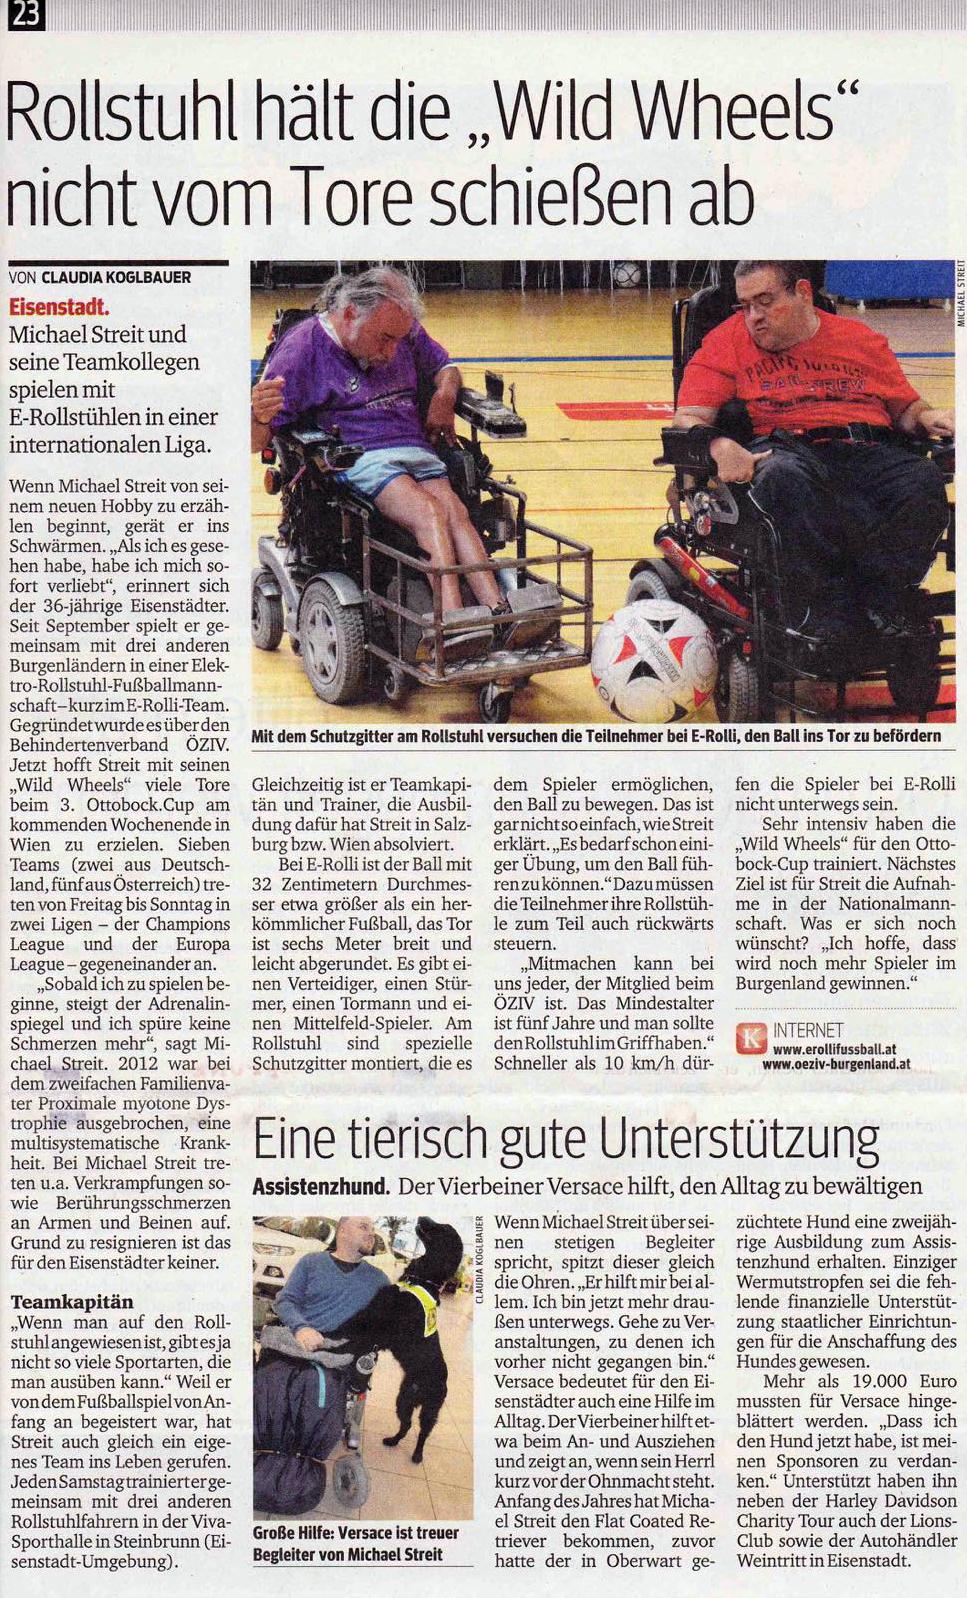 """Kurier: Rollstuhl hält die """"Wild Wheels"""" nicht vom Tore schießen ab"""